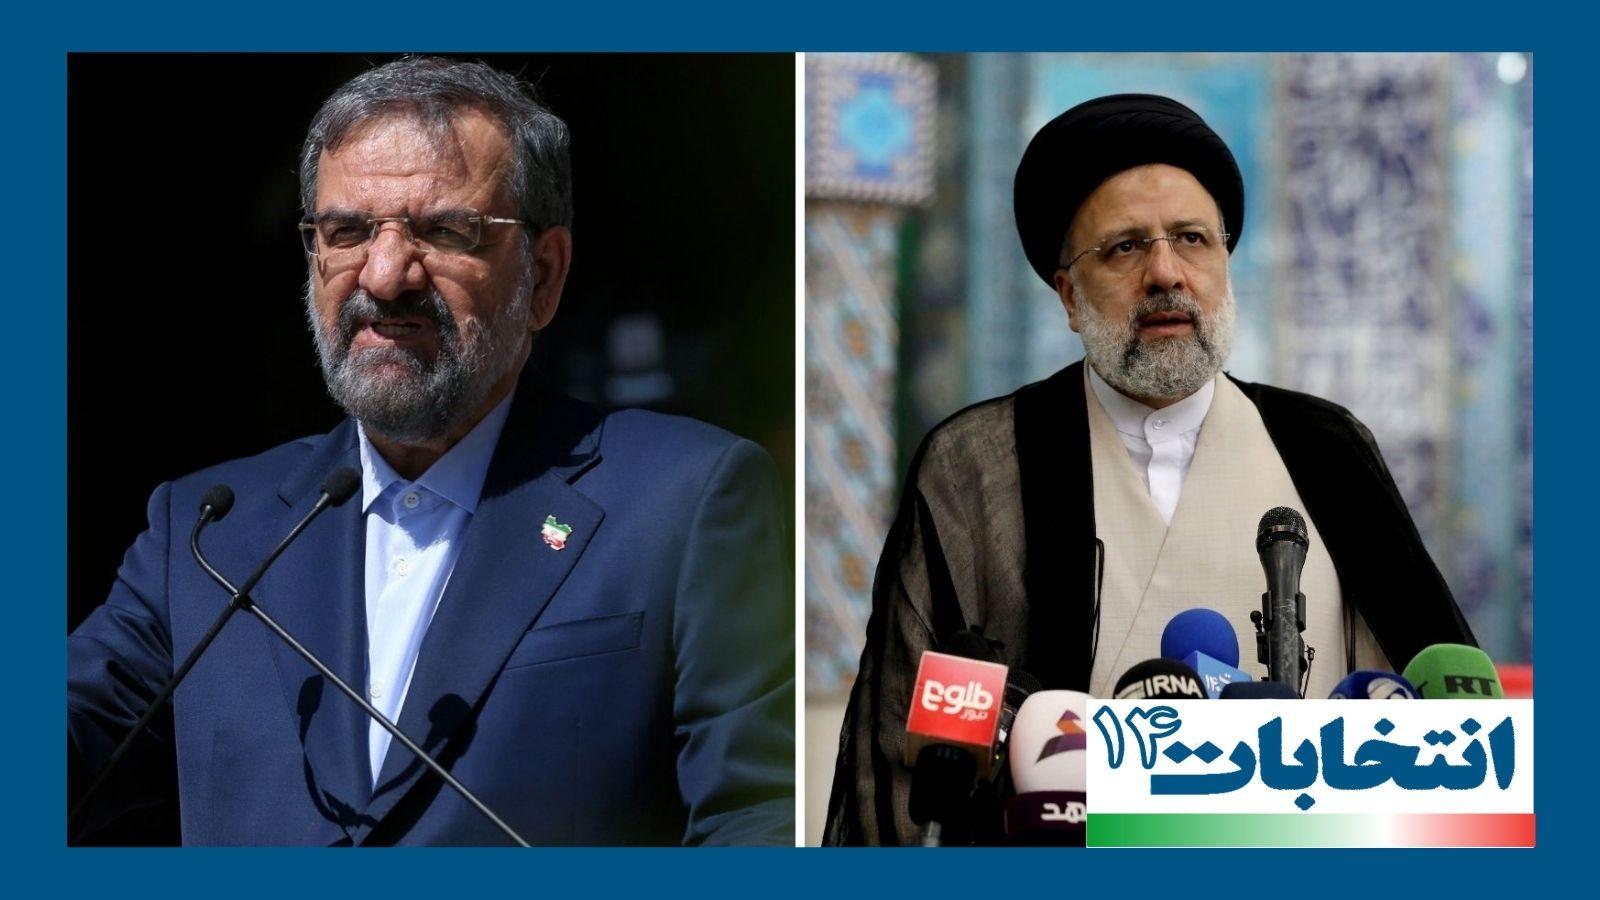 محسن رضایی پیروزی ابراهیم رئیسی را تبریک گفت